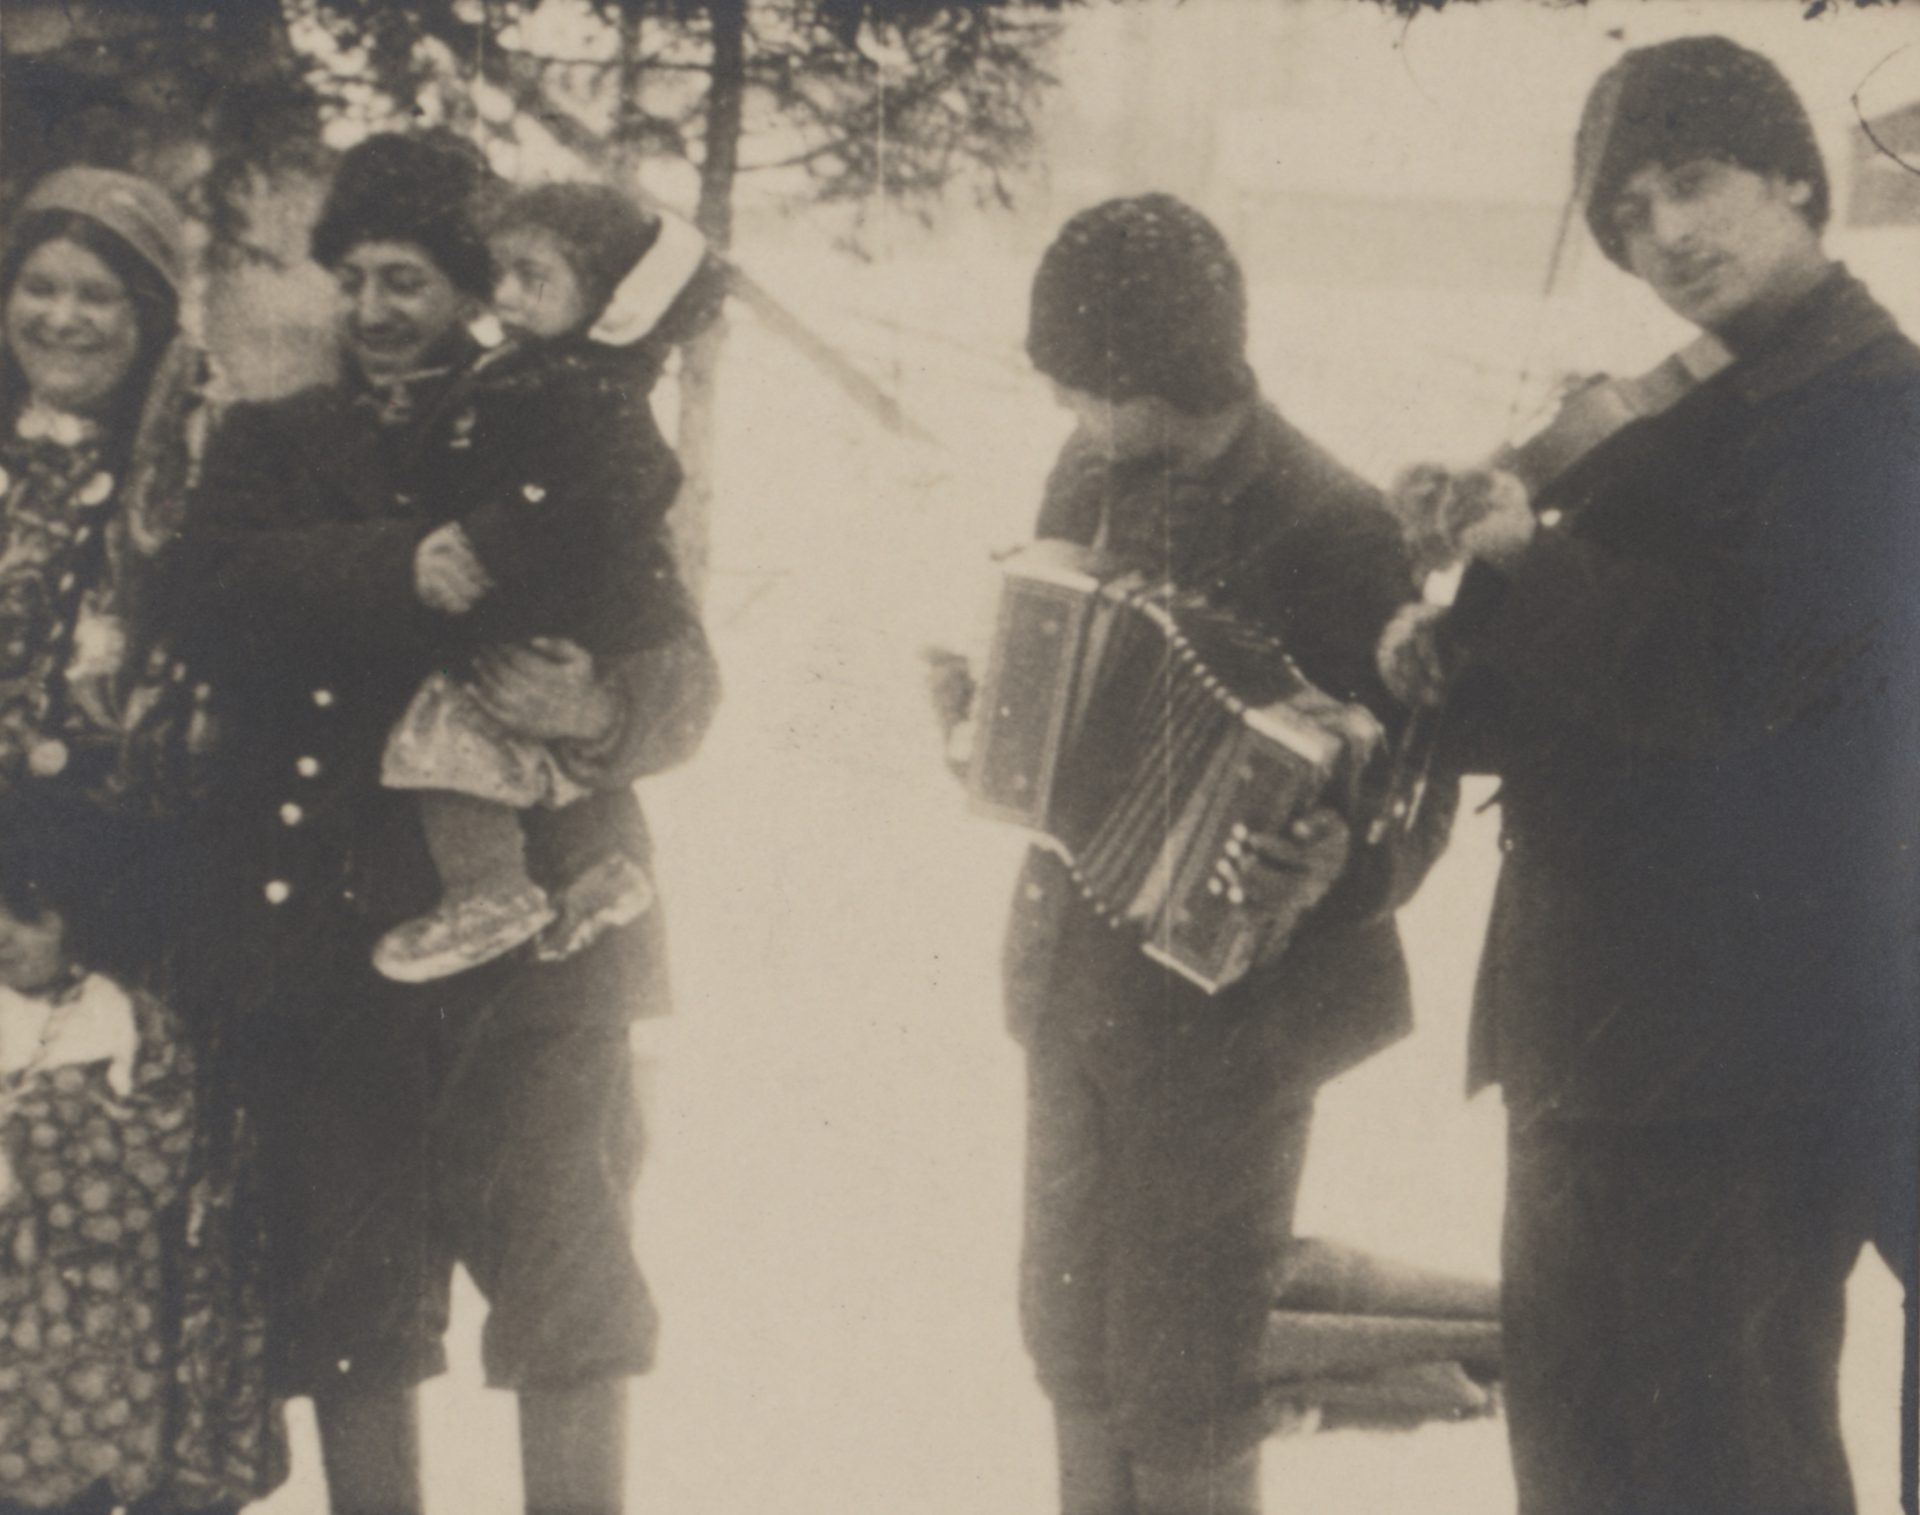 Fyra män som spelar på instrument.